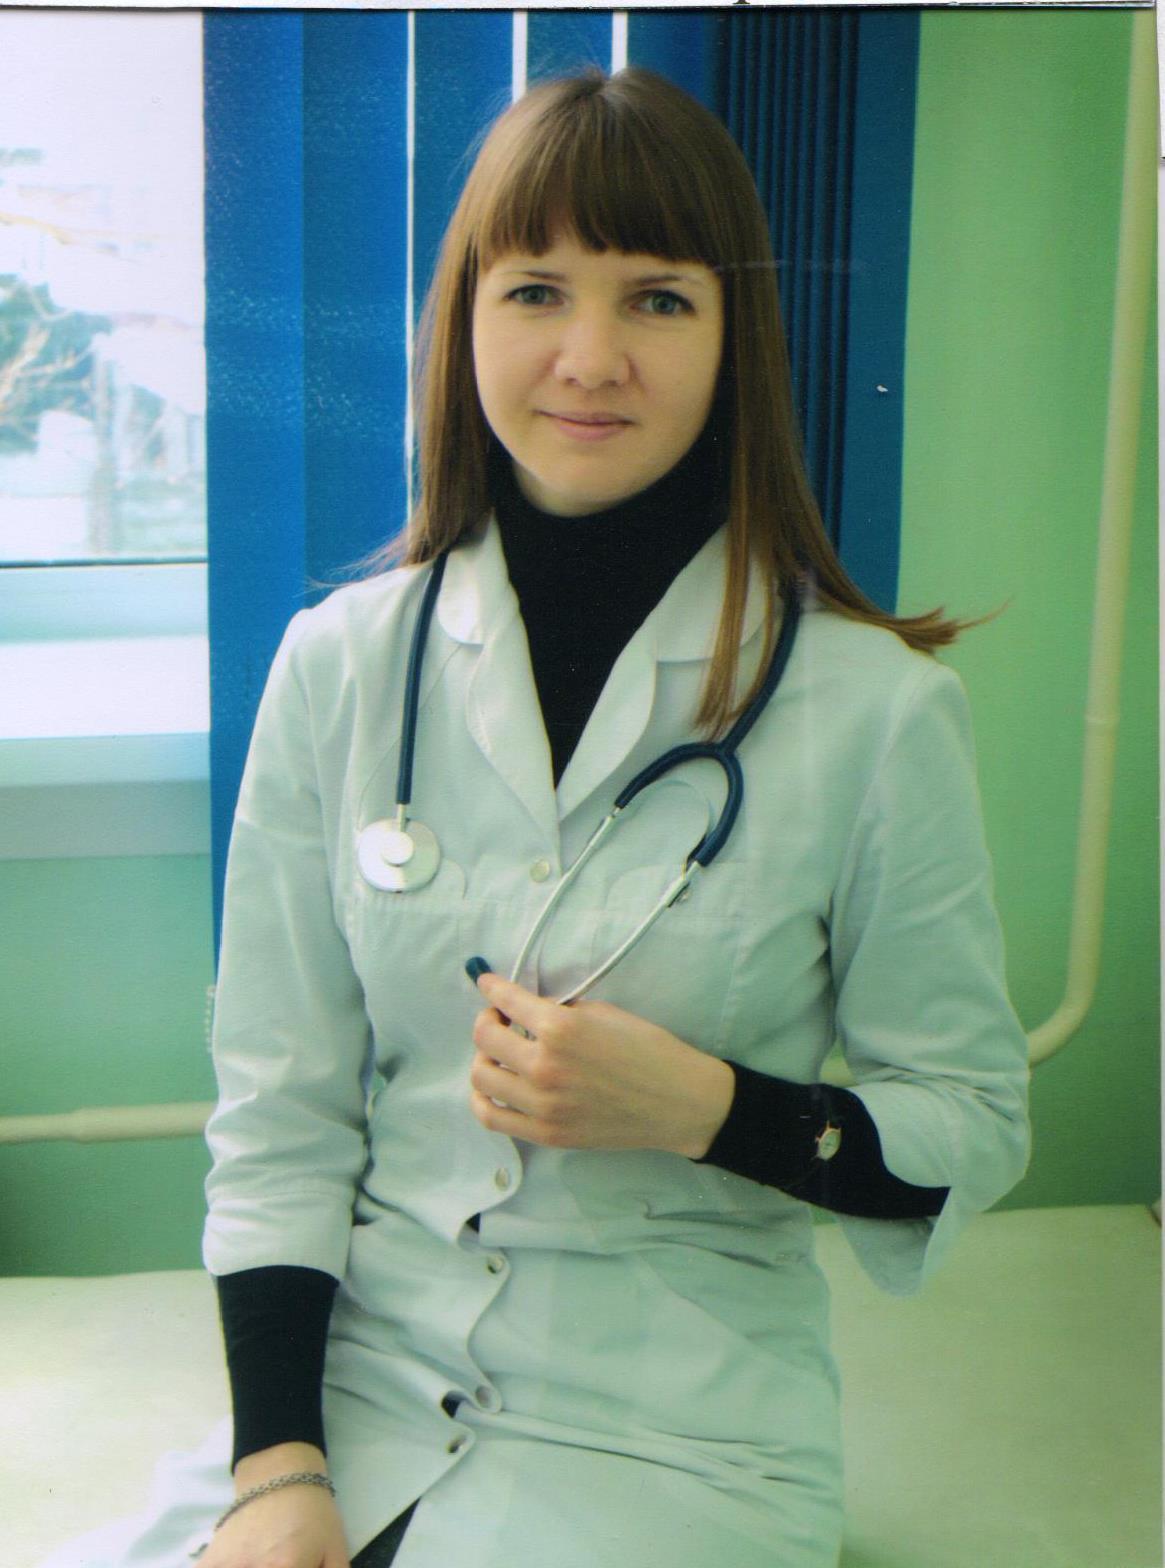 Непомилова Виктория Владимировна - врач